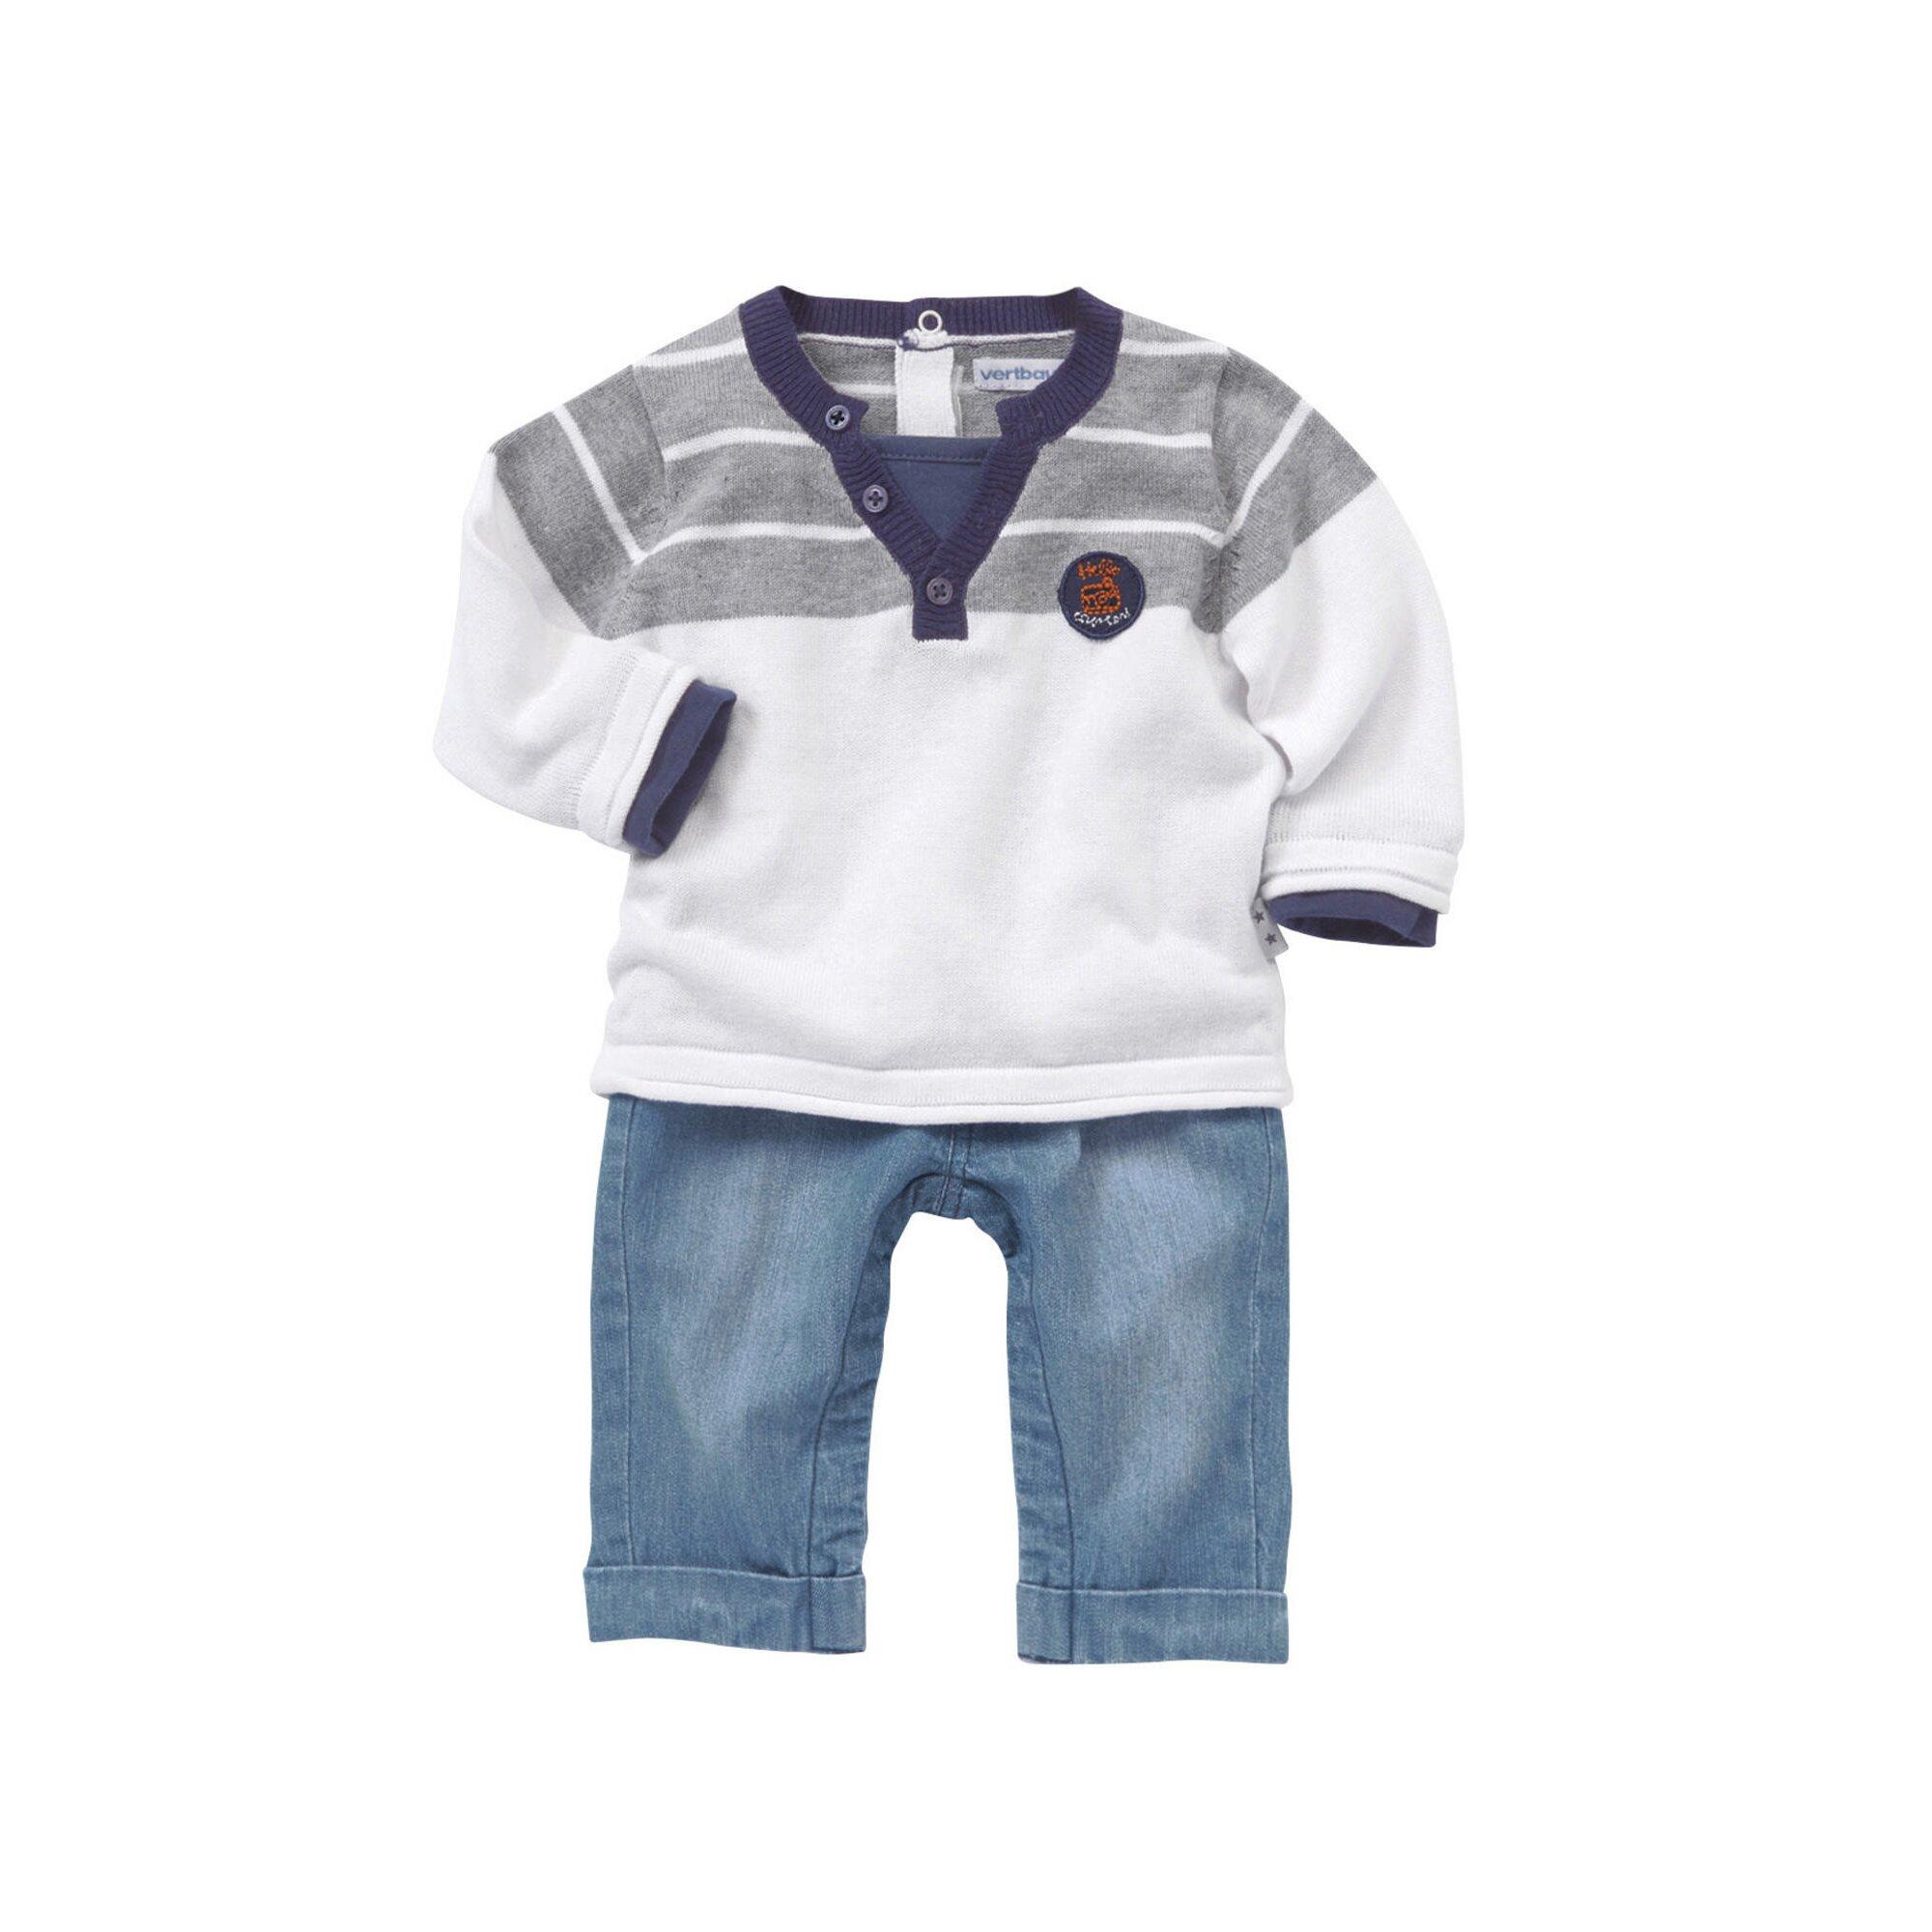 vertbaudet-jungenset-aus-baby-pullover-und-jeans, 21.69 EUR @ babywalz-de